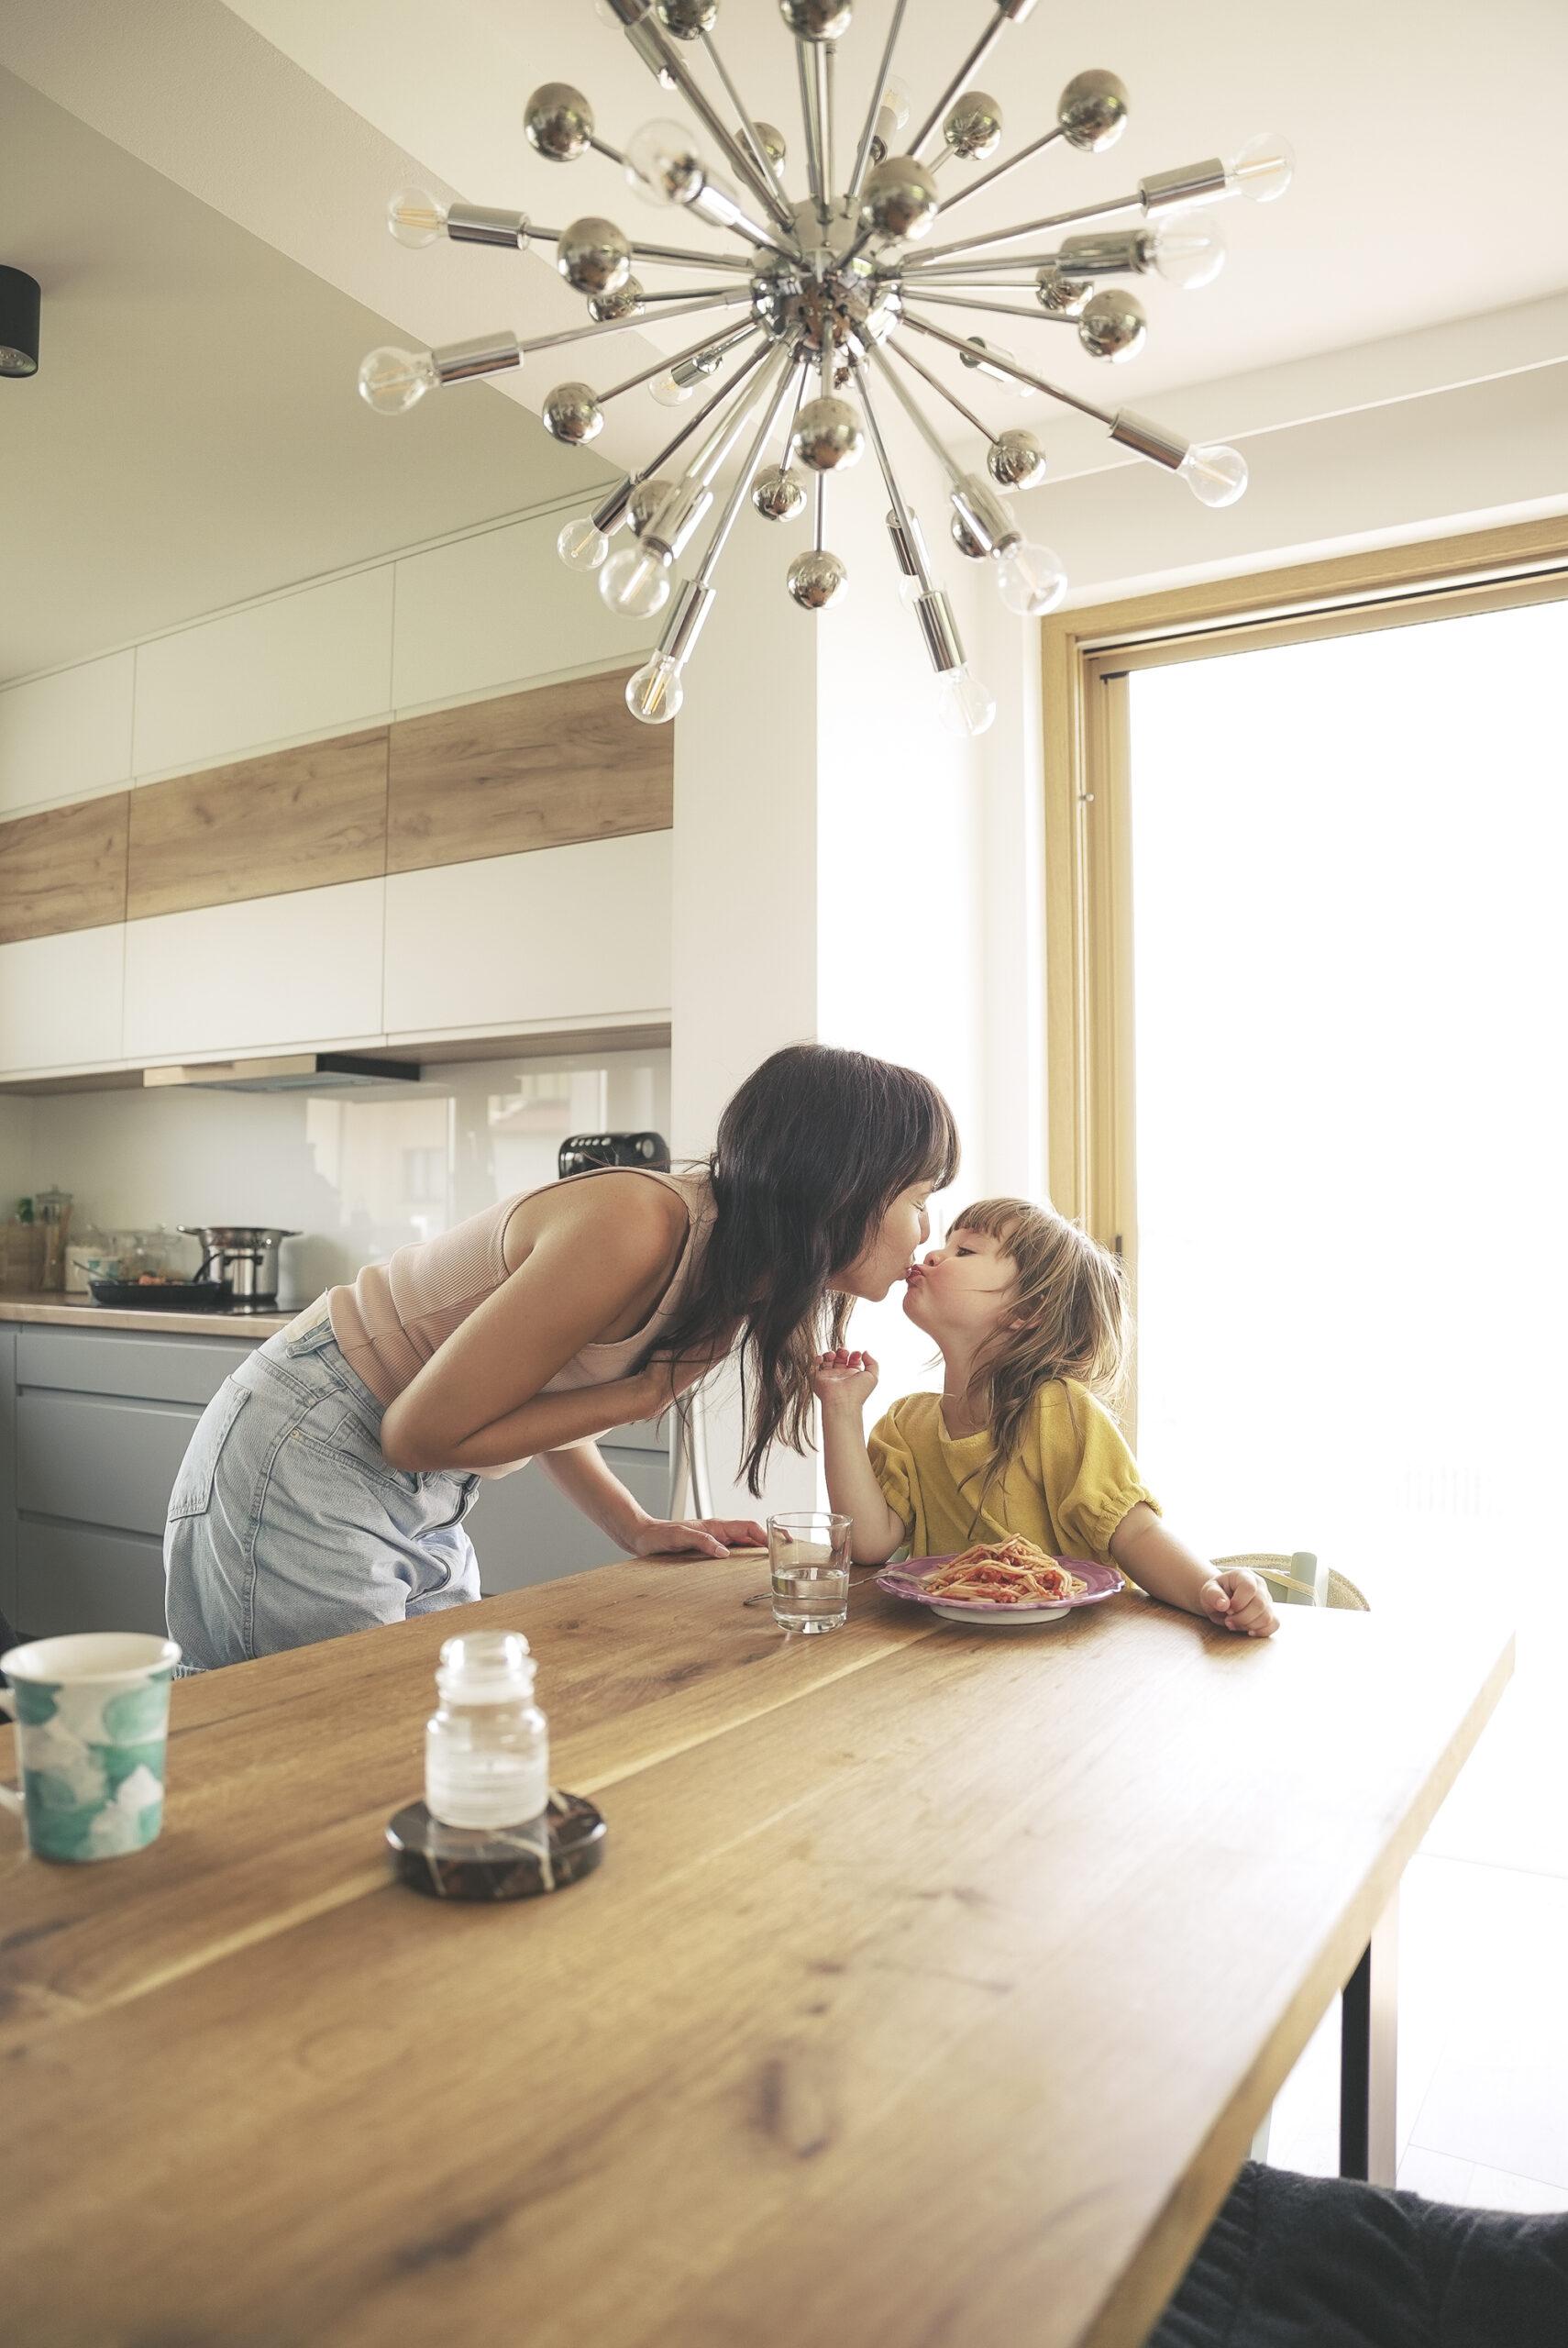 sposób na zdrowy i czysty dom electrolux